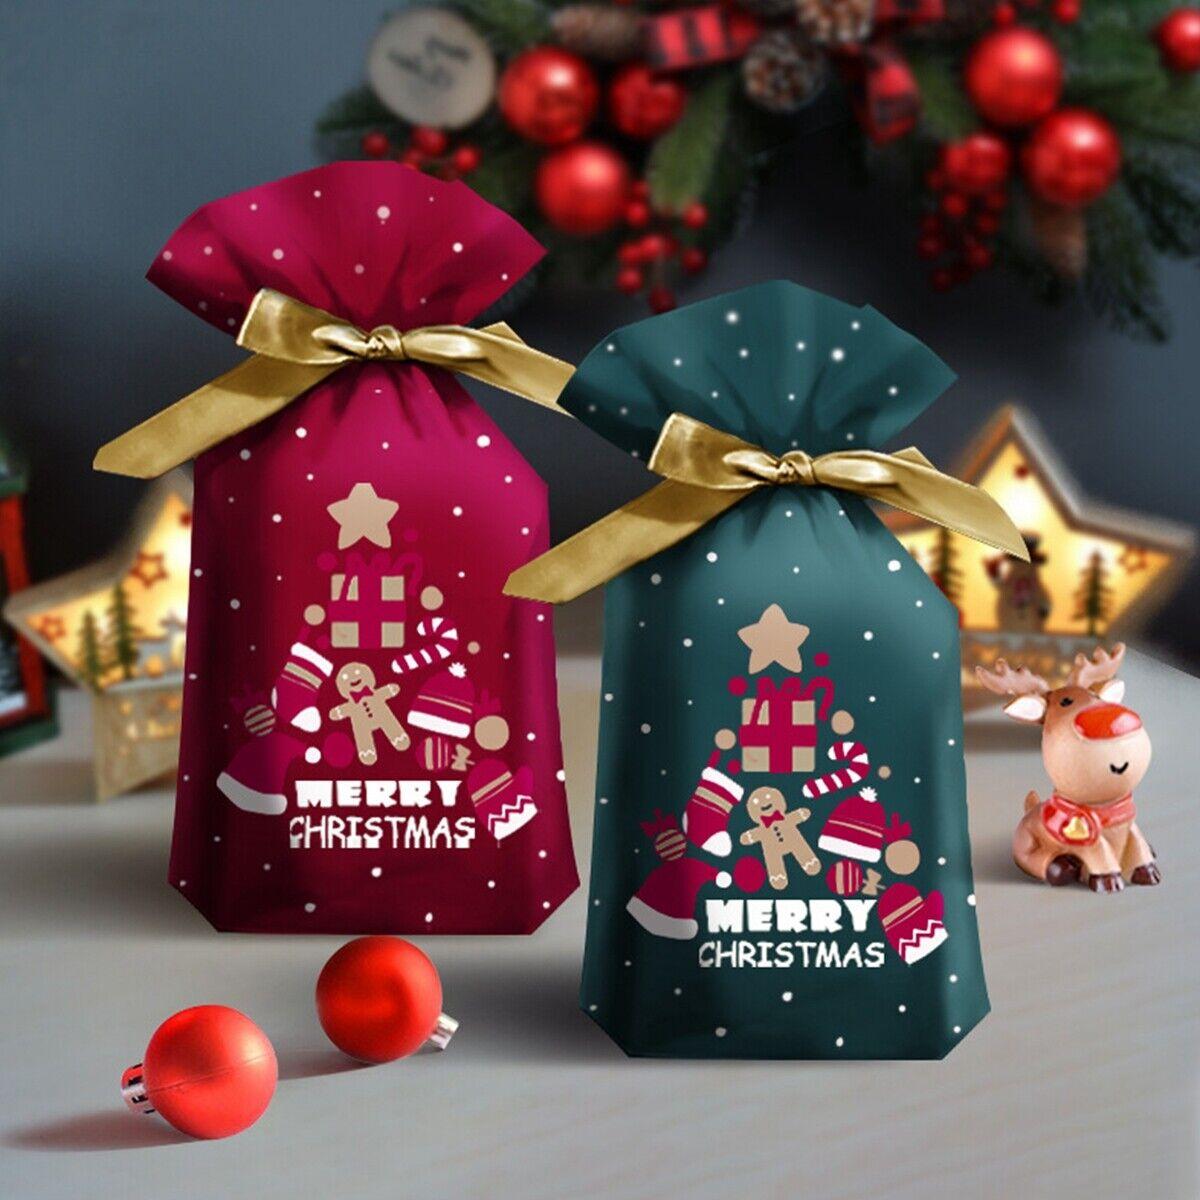 10 * Bolsa de embalaje de caramelo de Navidad Santa Claus Regalo de galletas dulces con cordón